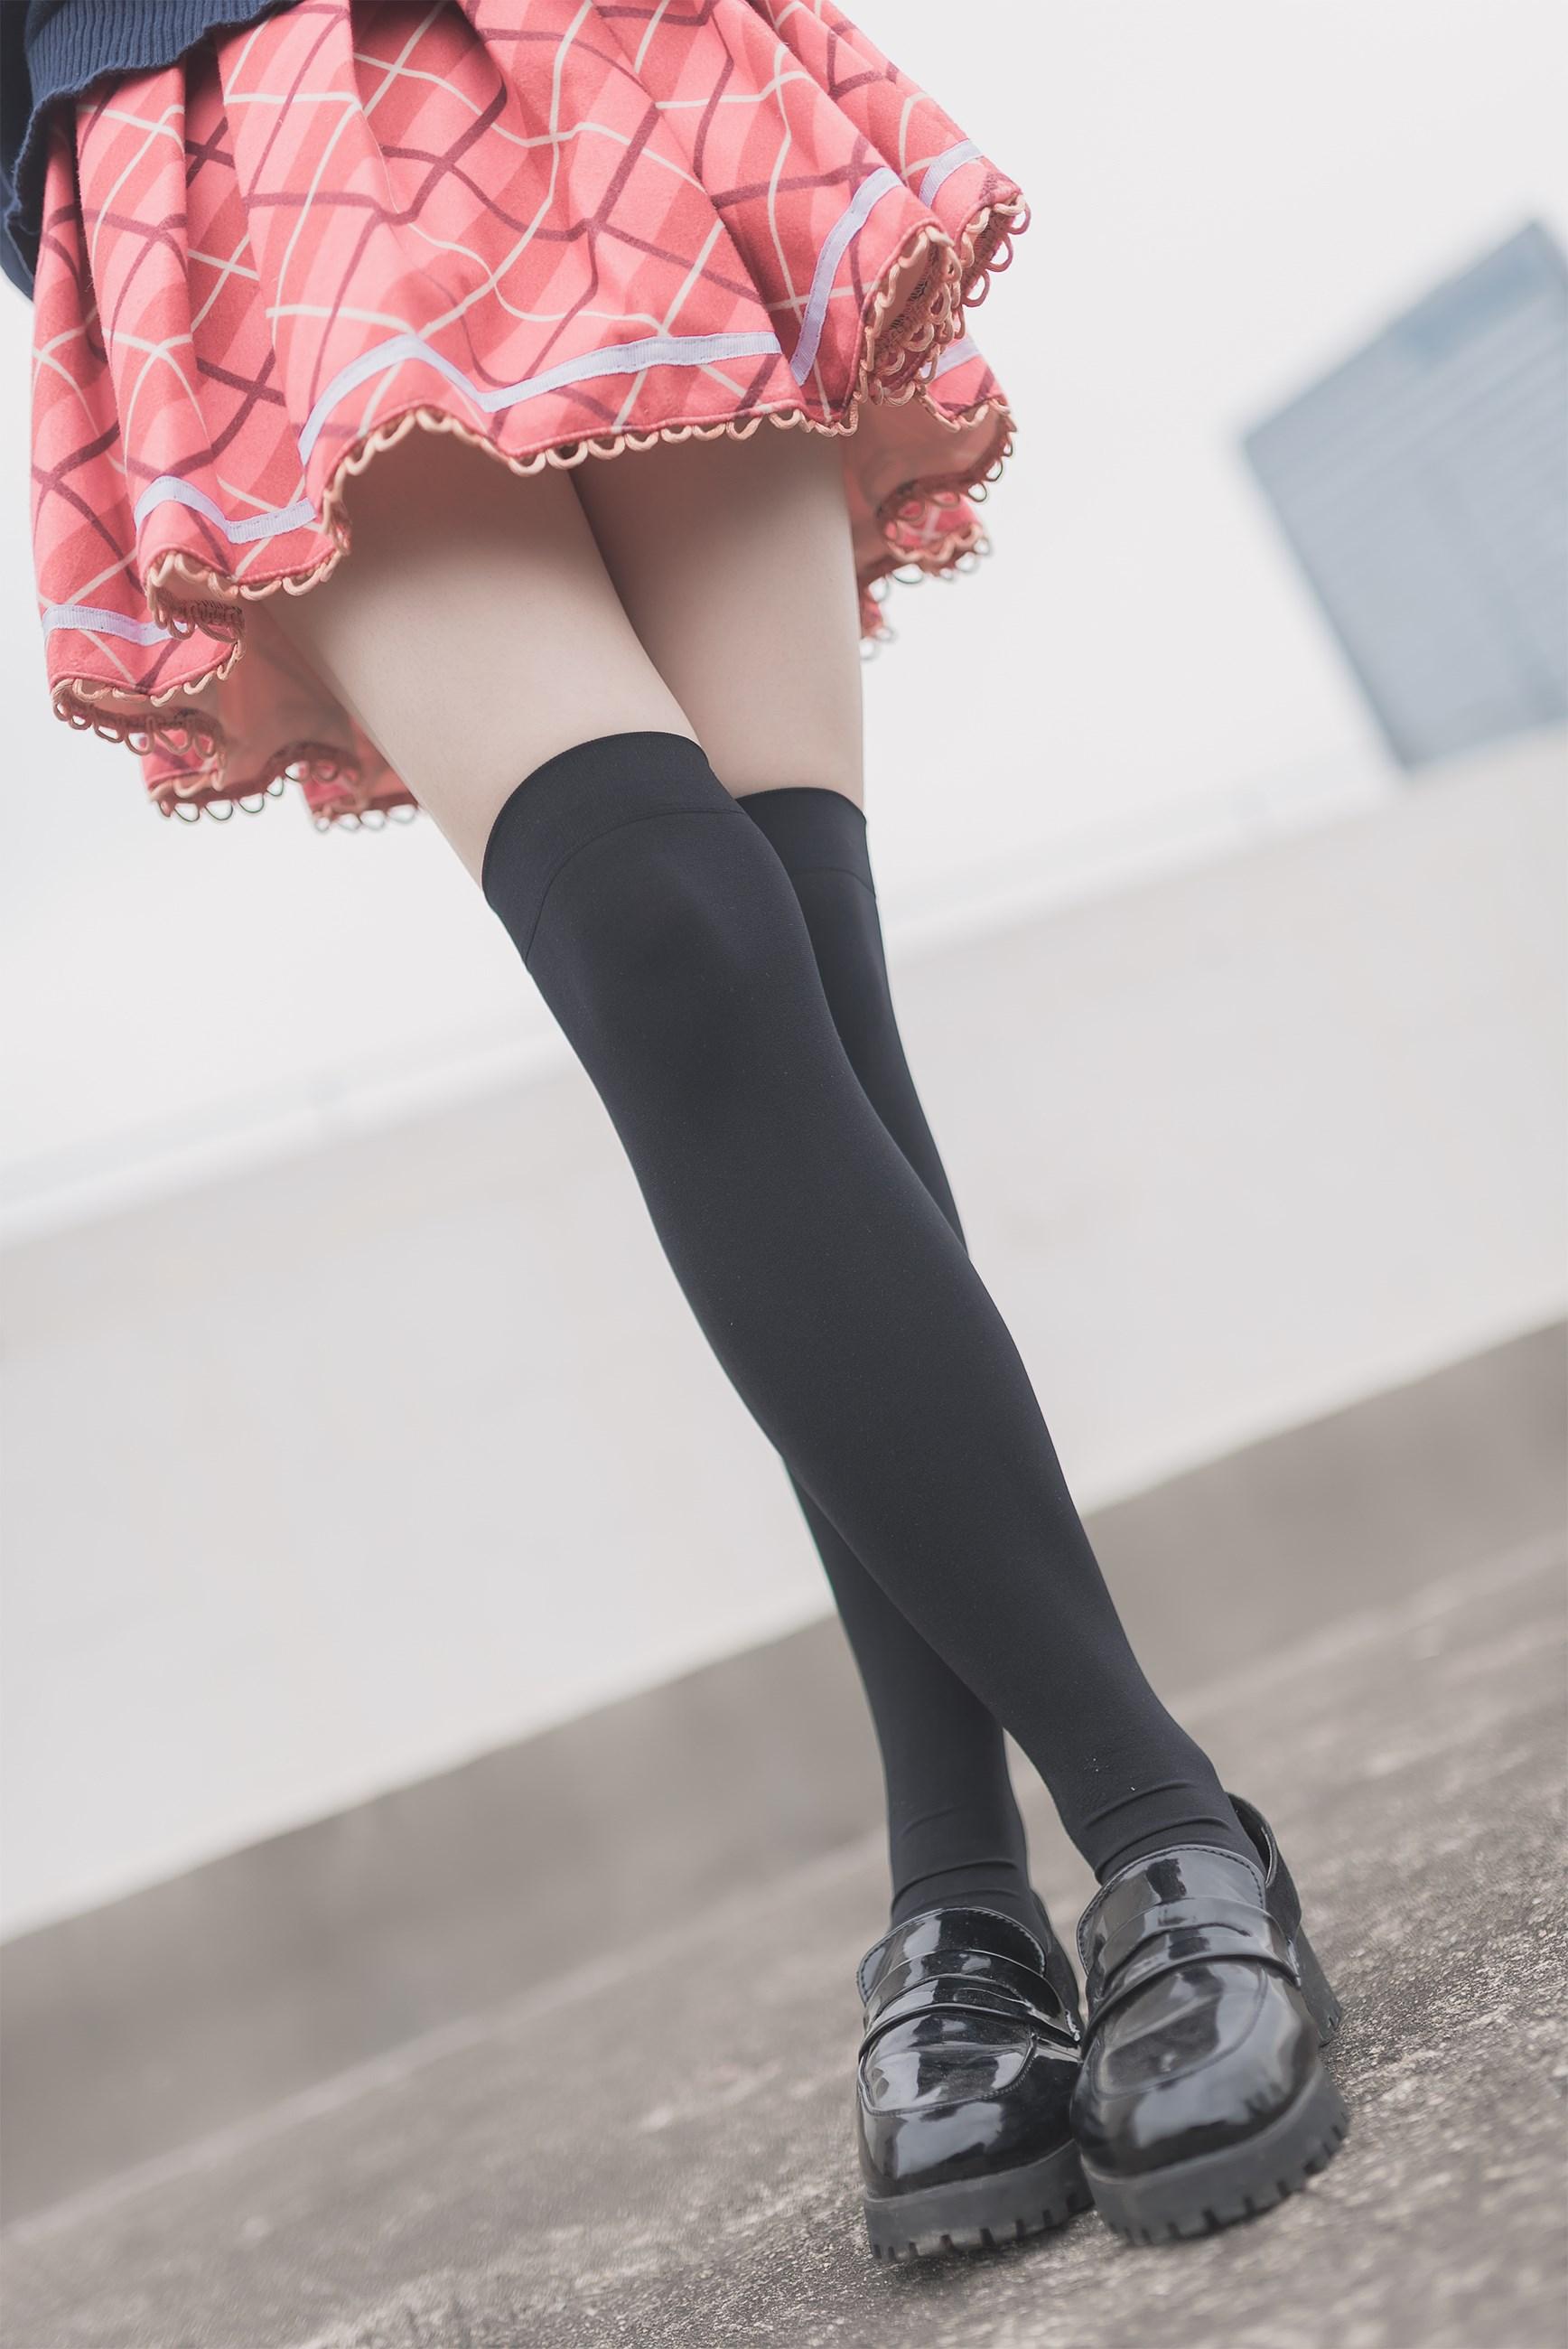 【兔玩映画】过膝袜 兔玩映画 第41张